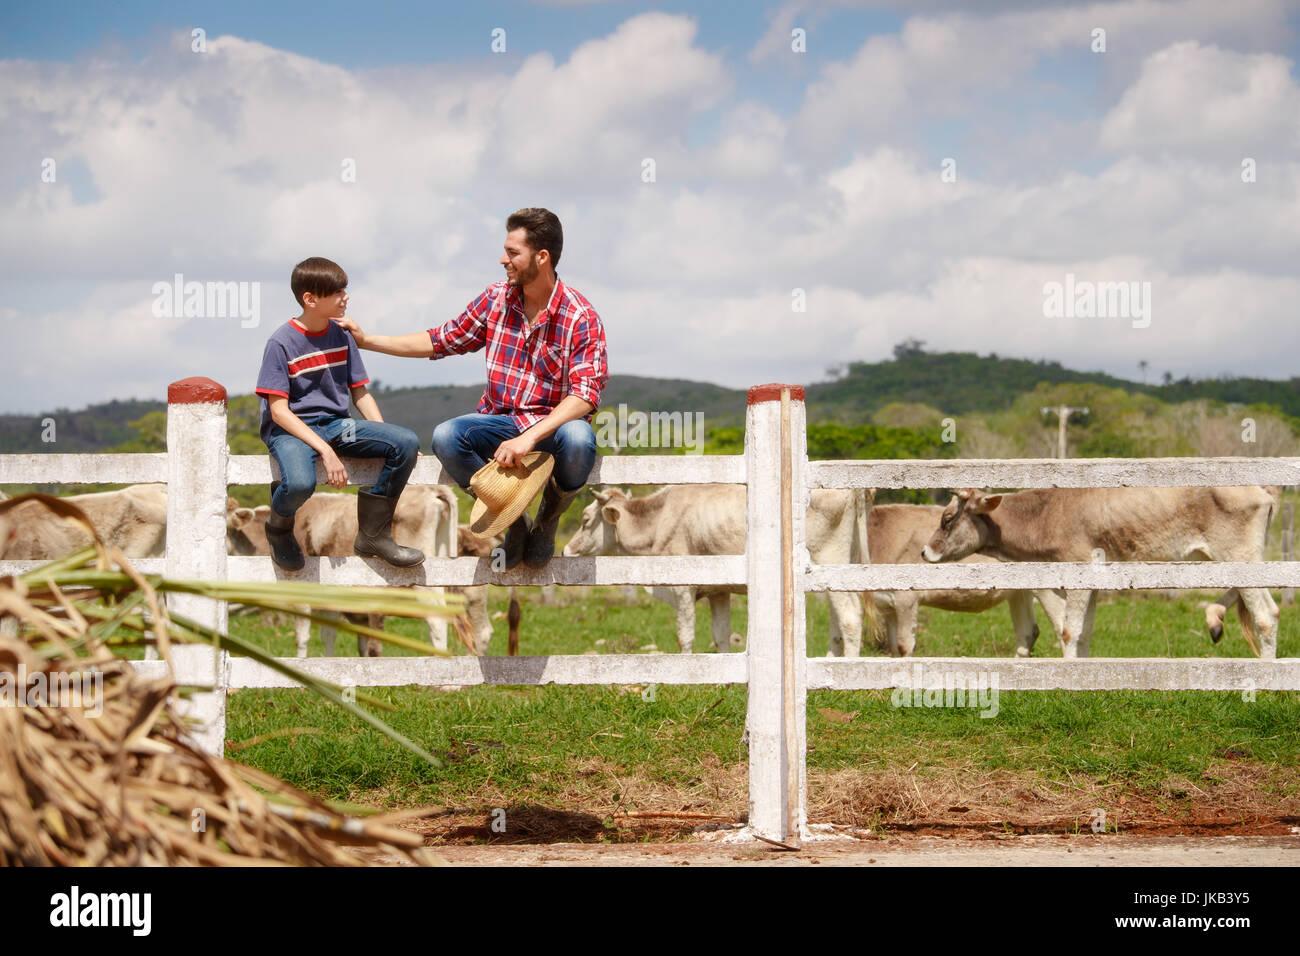 La vita quotidiana per il contadino con le mucche in campagna. Il lavoro dei contadini del sud America con bestiame Immagini Stock